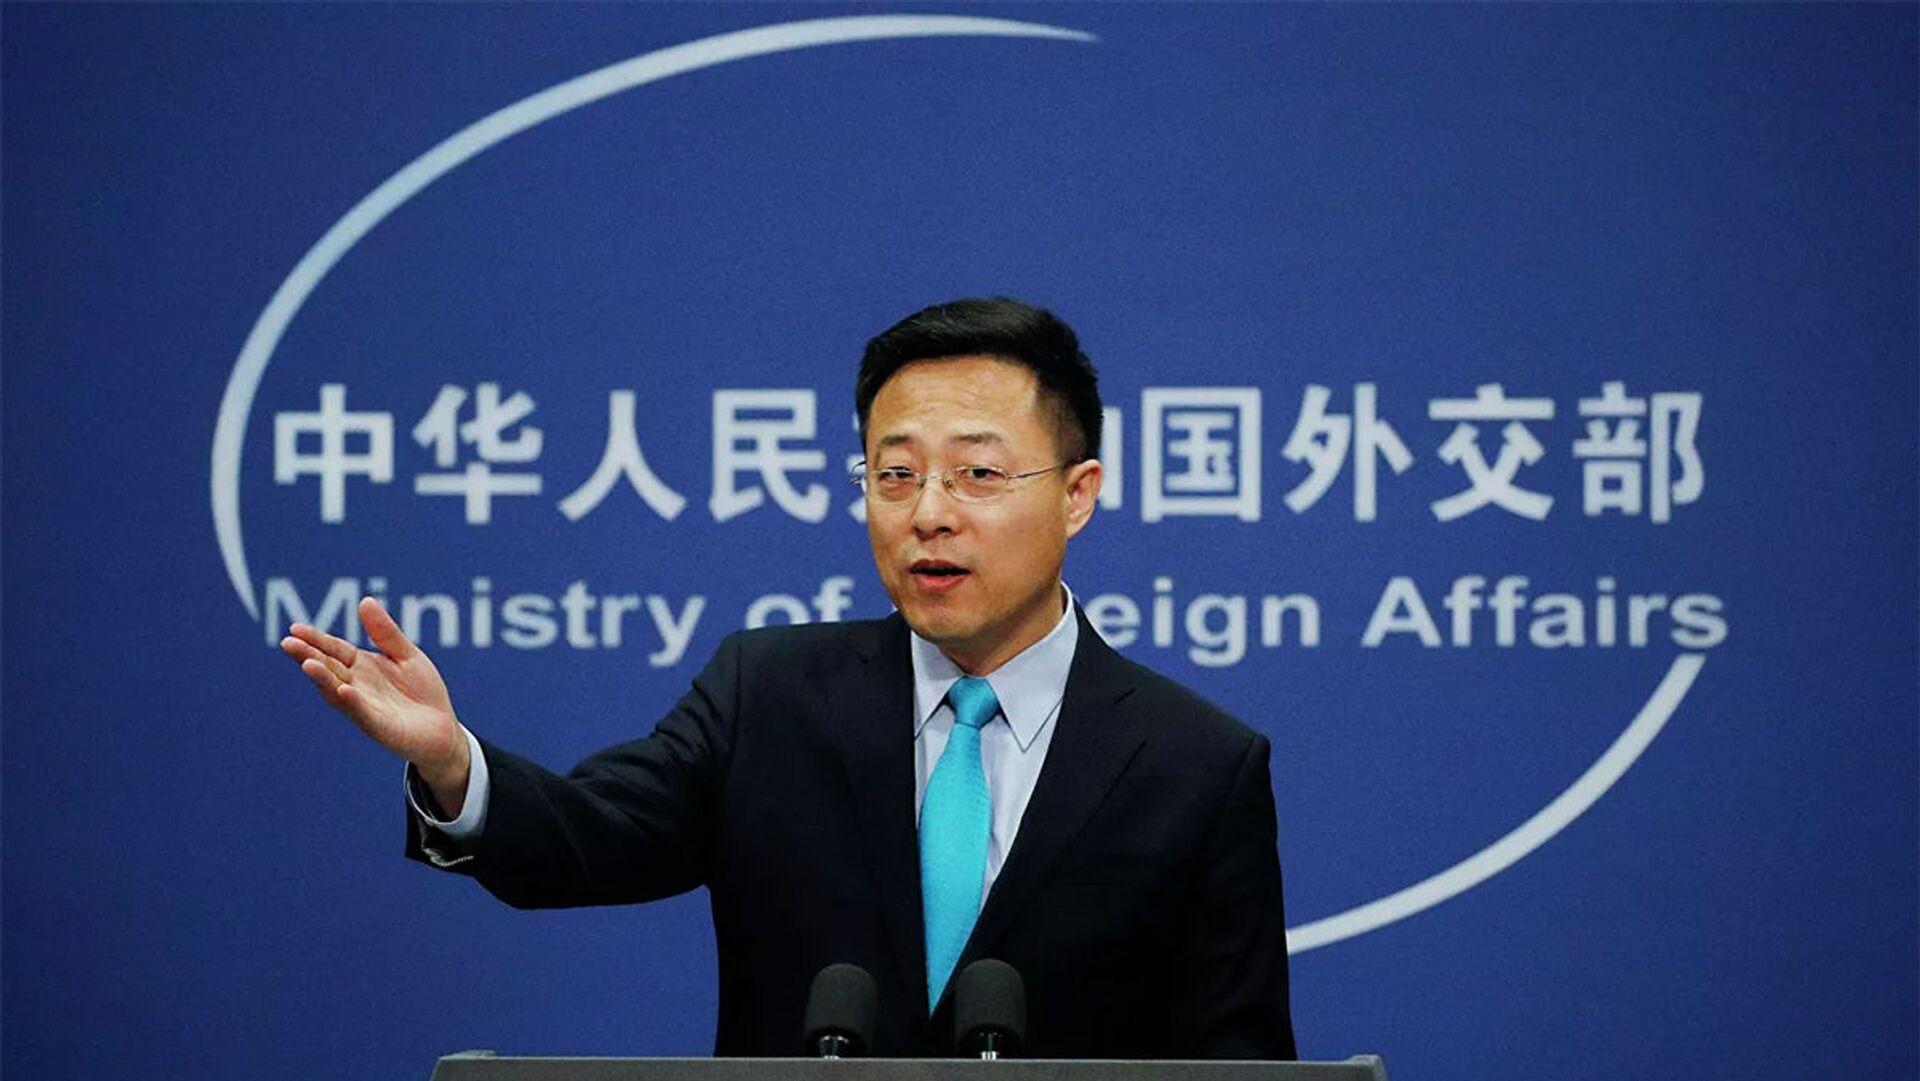 Đại diện chính thức của Bộ Ngoại giao Trung Quốc Triệu Lập Kiên (Zhao Lijian). - Sputnik Việt Nam, 1920, 15.03.2021